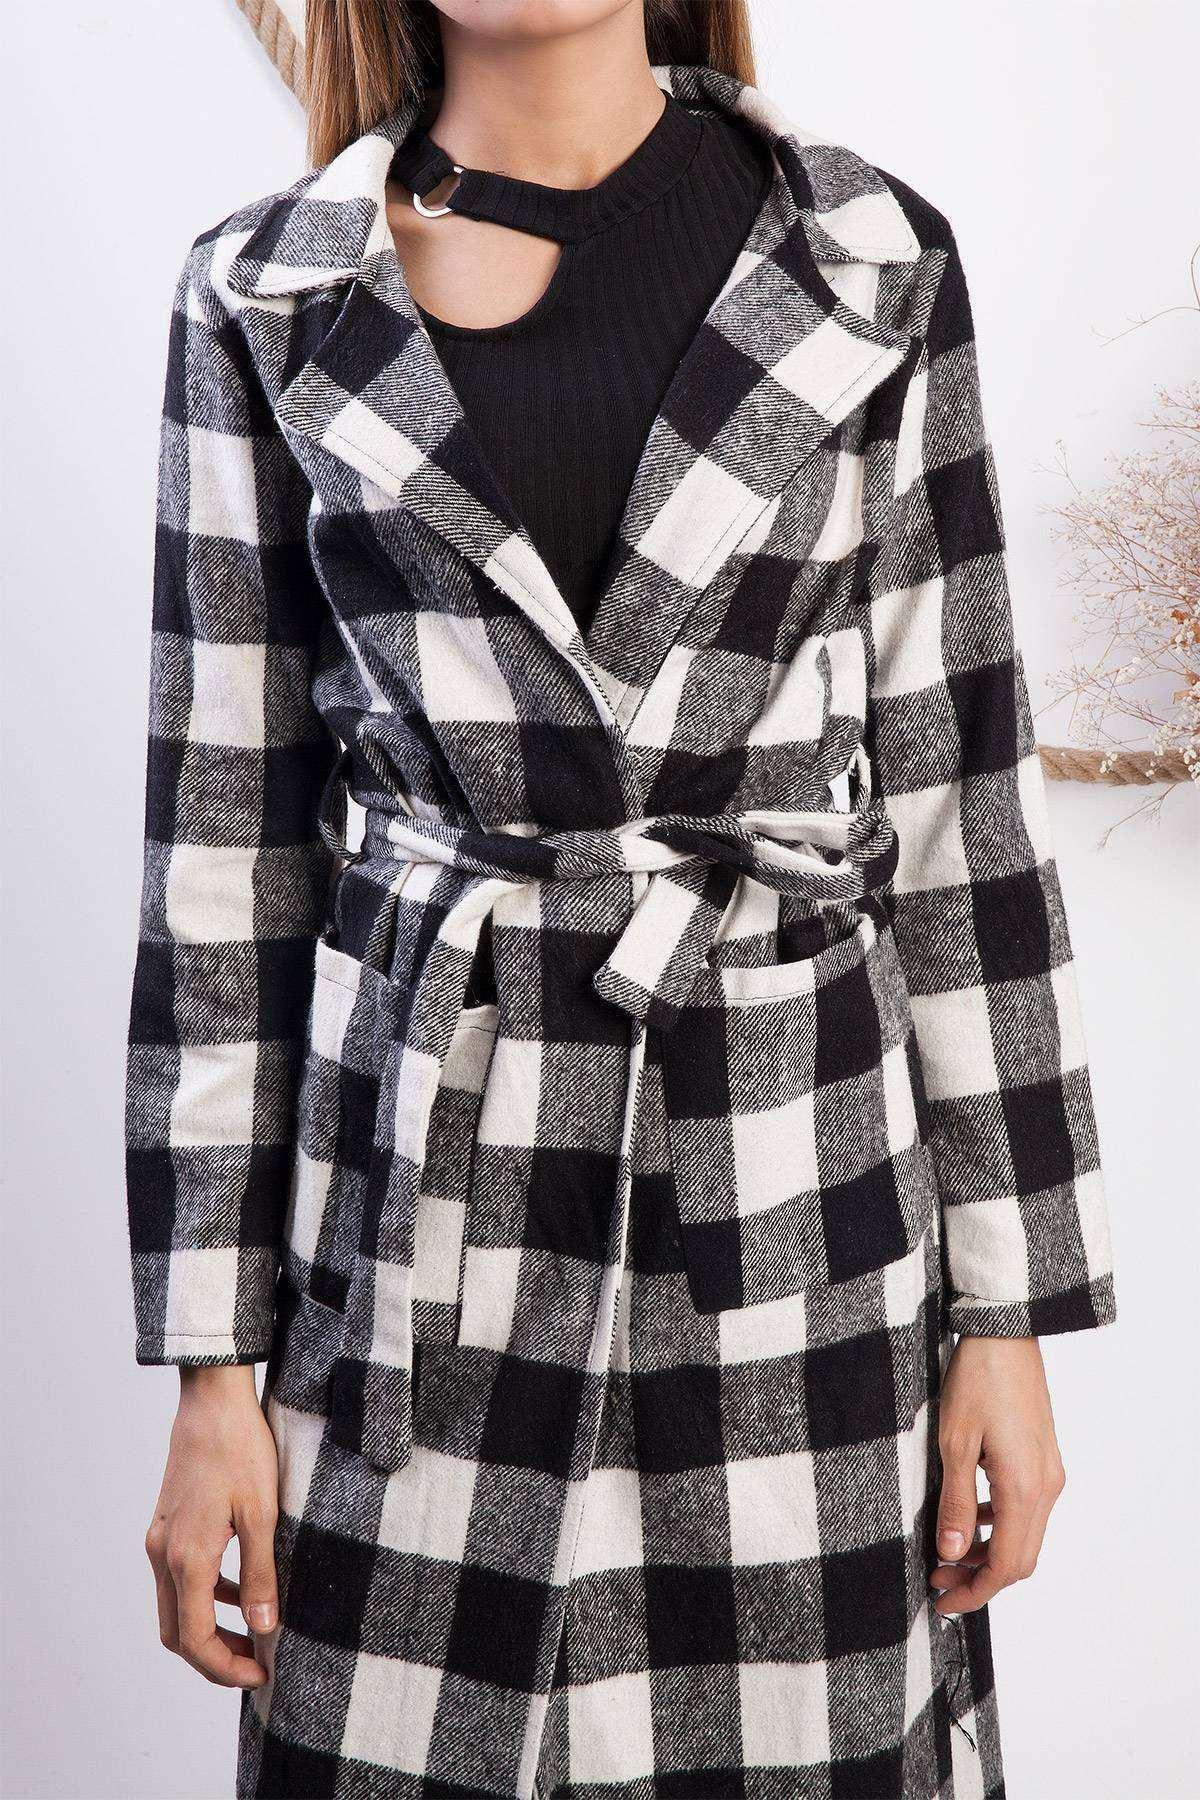 Damalı Kareli Cep Detaylı Bağlamalı Kaşe Trechcoat Siyah-Beyaz